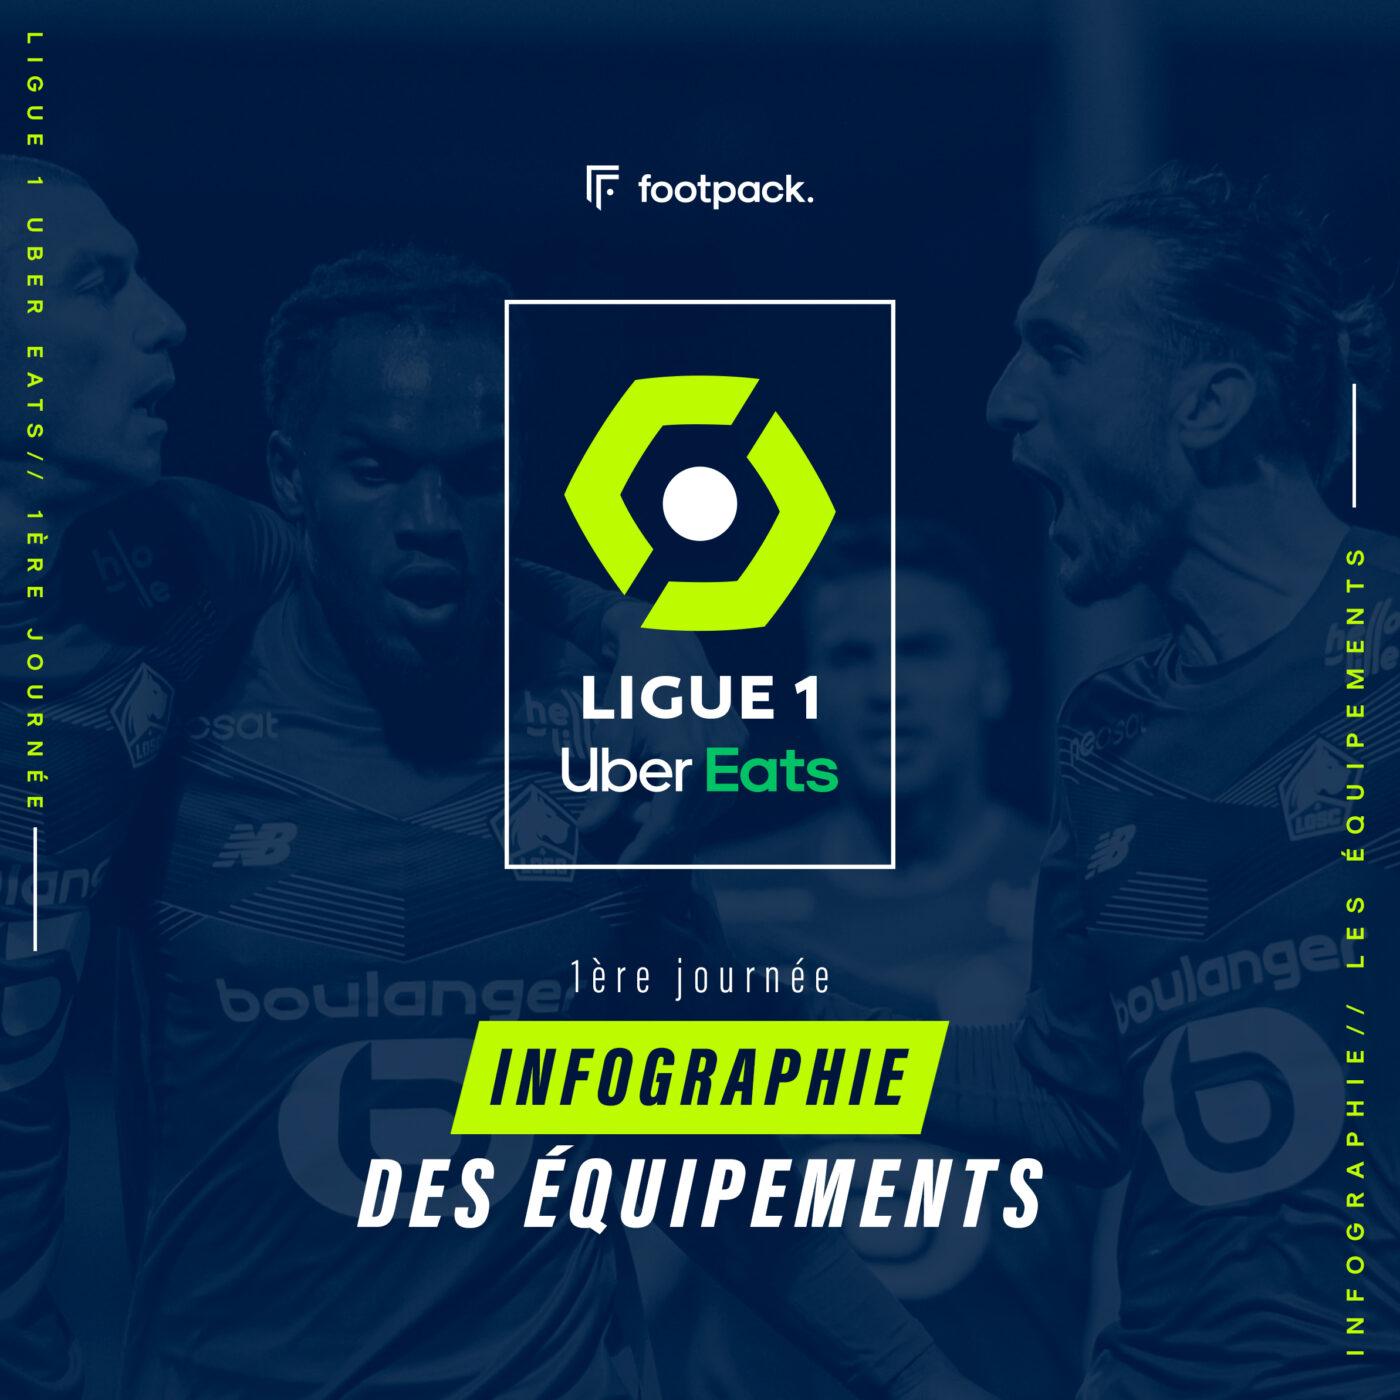 Infographie équipements 1ère journée Ligue 1 2021/2022